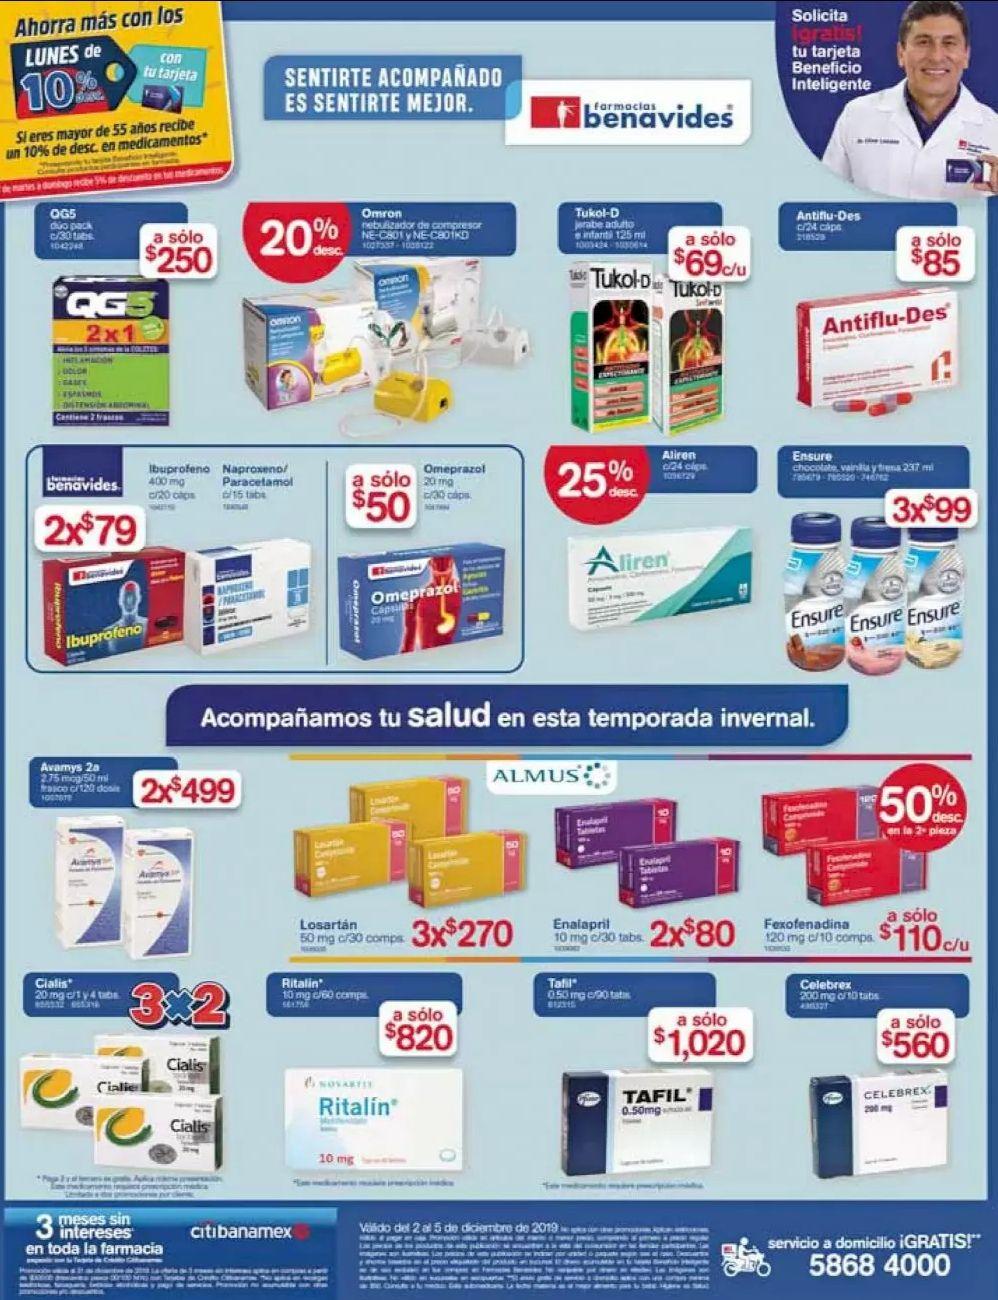 Farmacias Benavides: Ofertas del Lunes 2 al Jueves 5 de Diciembre